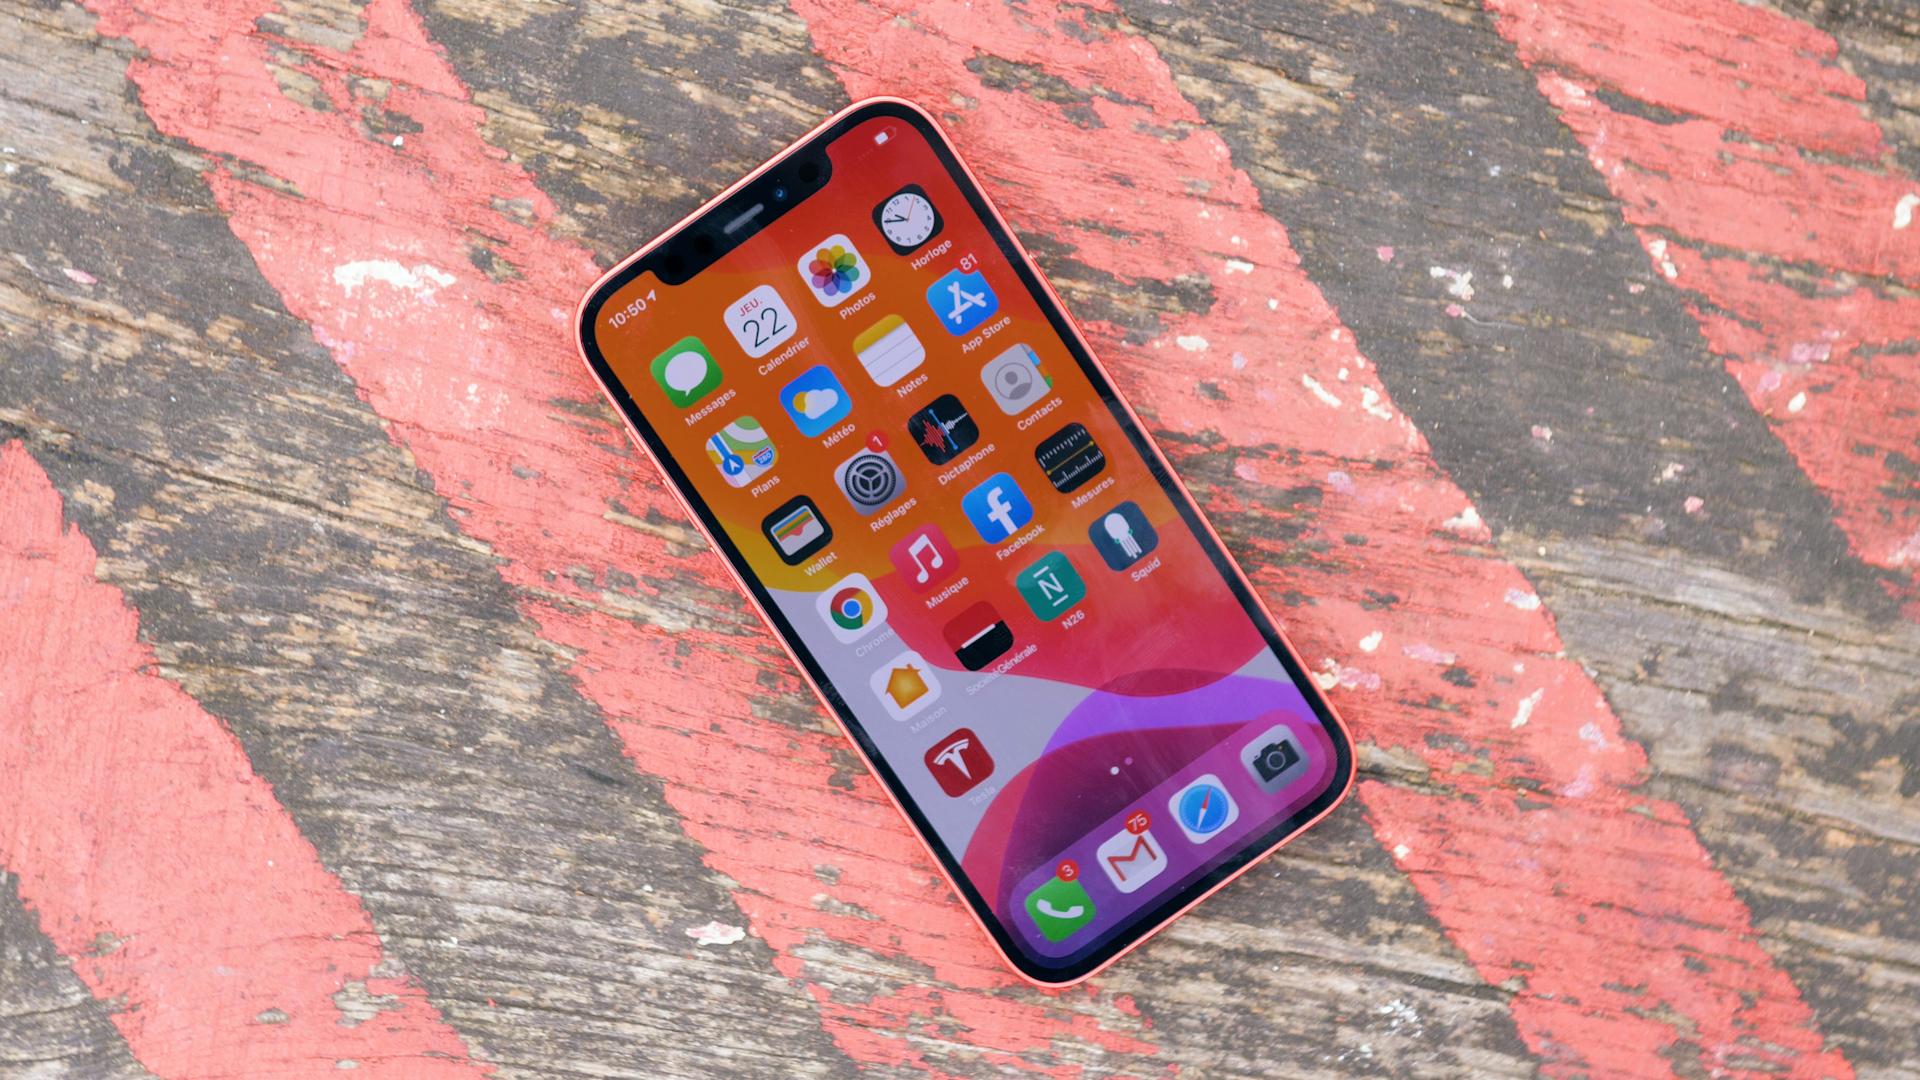 La version 128 Go de l'iPhone 12 est actuellement à son meilleur prix